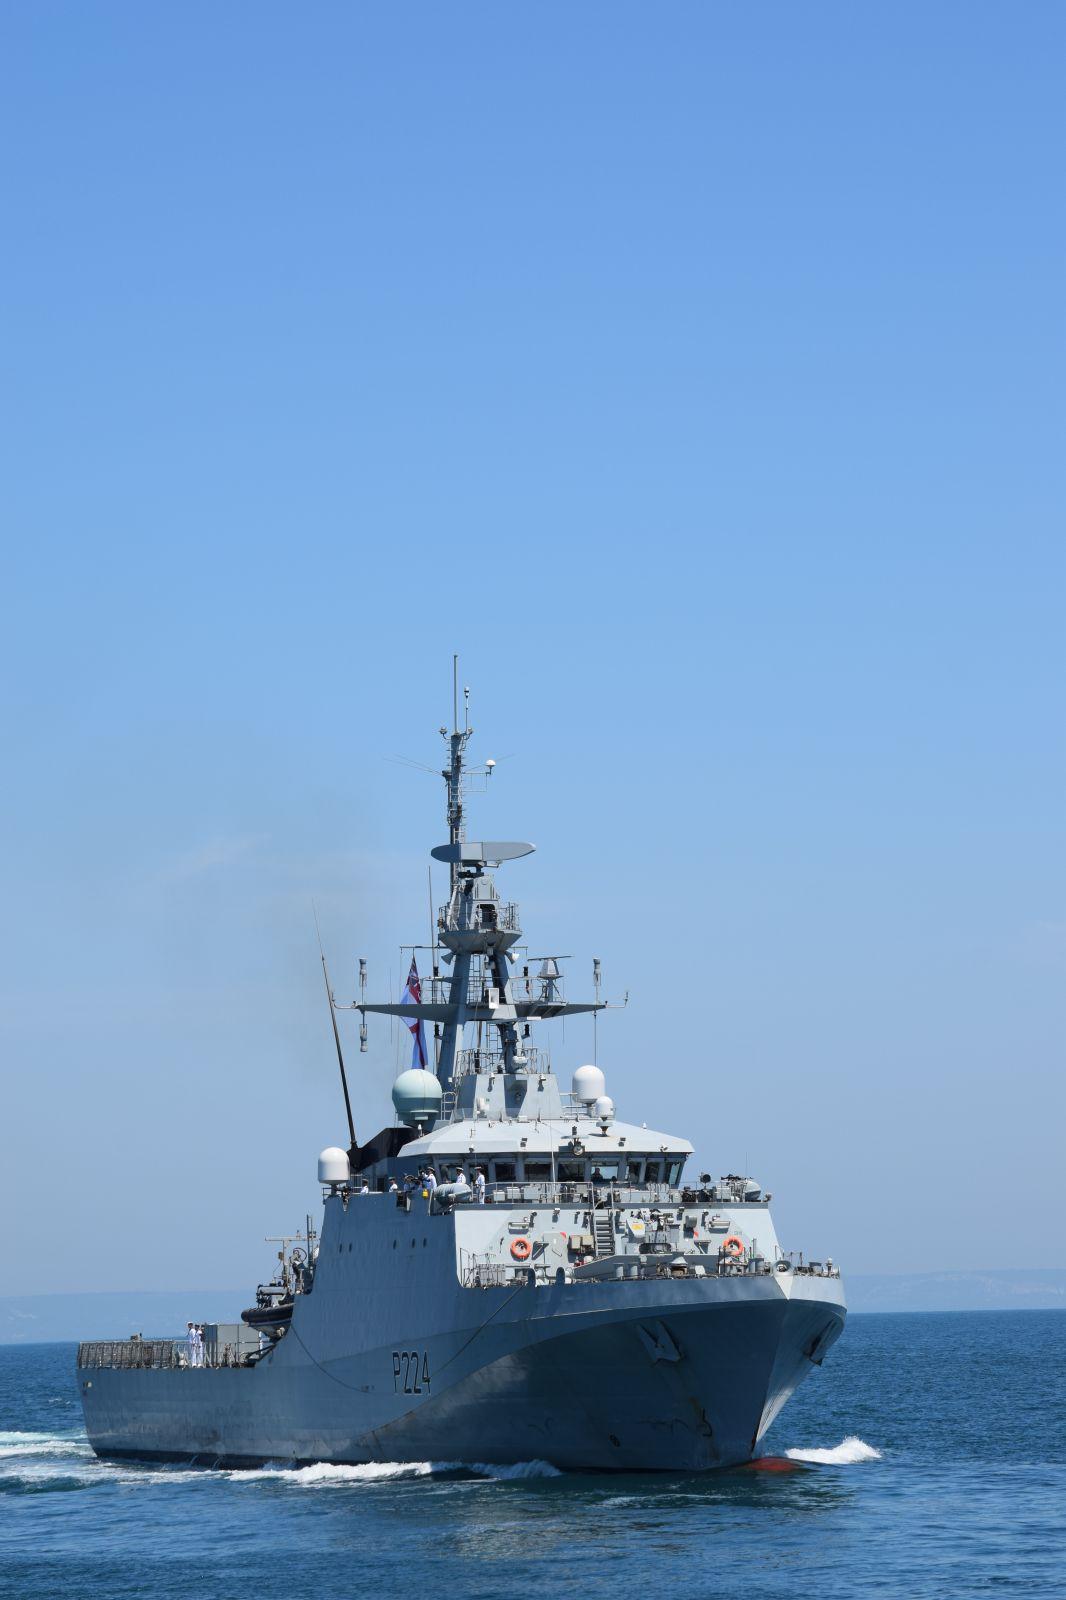 """Учението """"Бриз 2021"""" - Епизод 8 и Епизод 9 """"Отдаване на чест при среща на военни кораби на море"""" (ОГРОМНА ЕКСКЛУЗИВНА ПАРАДНА ГАЛЕРИЯ)"""